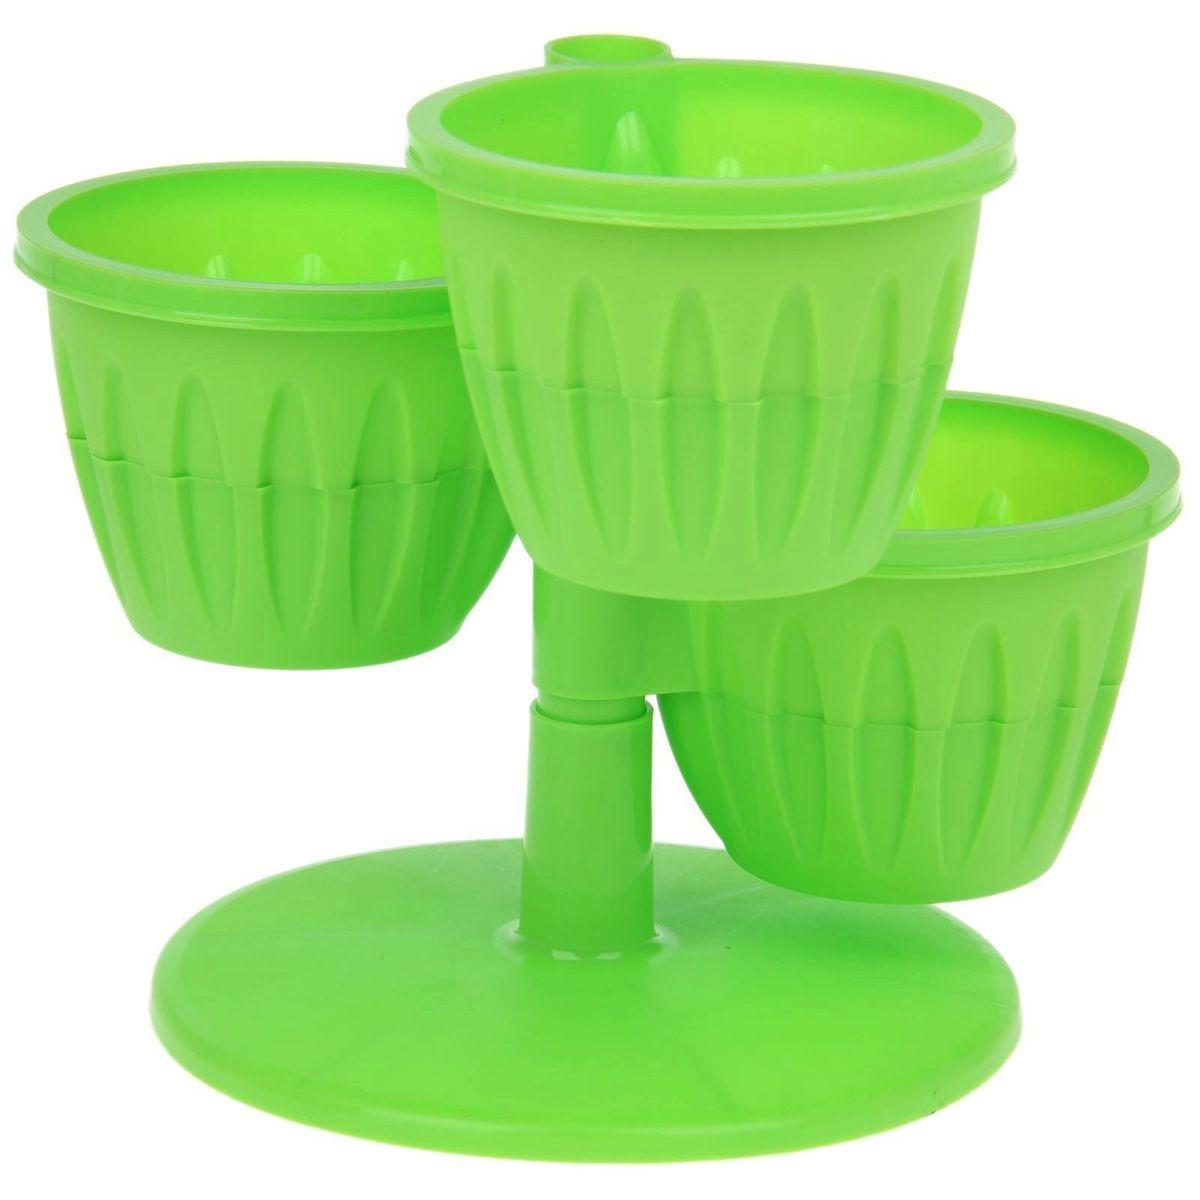 """Цветочный каскад JetPlast """"Каскад"""" состоит из трех  горшков, установленных на одну подставку. Каждый  горшок состоит из двух частей: в верхнюю высаживается  растение, а нижняя часть используется как резервуар для  воды.  Цветочный каскад позволяет вам эффективно  использовать площадь подоконника для высадки  растений. Высота каскада: 23 см.  Диаметр горшка по верхнему краю: 13,5 см.  Диаметр дна горшка: 7,8 см.  Высота горшка: 10 см."""